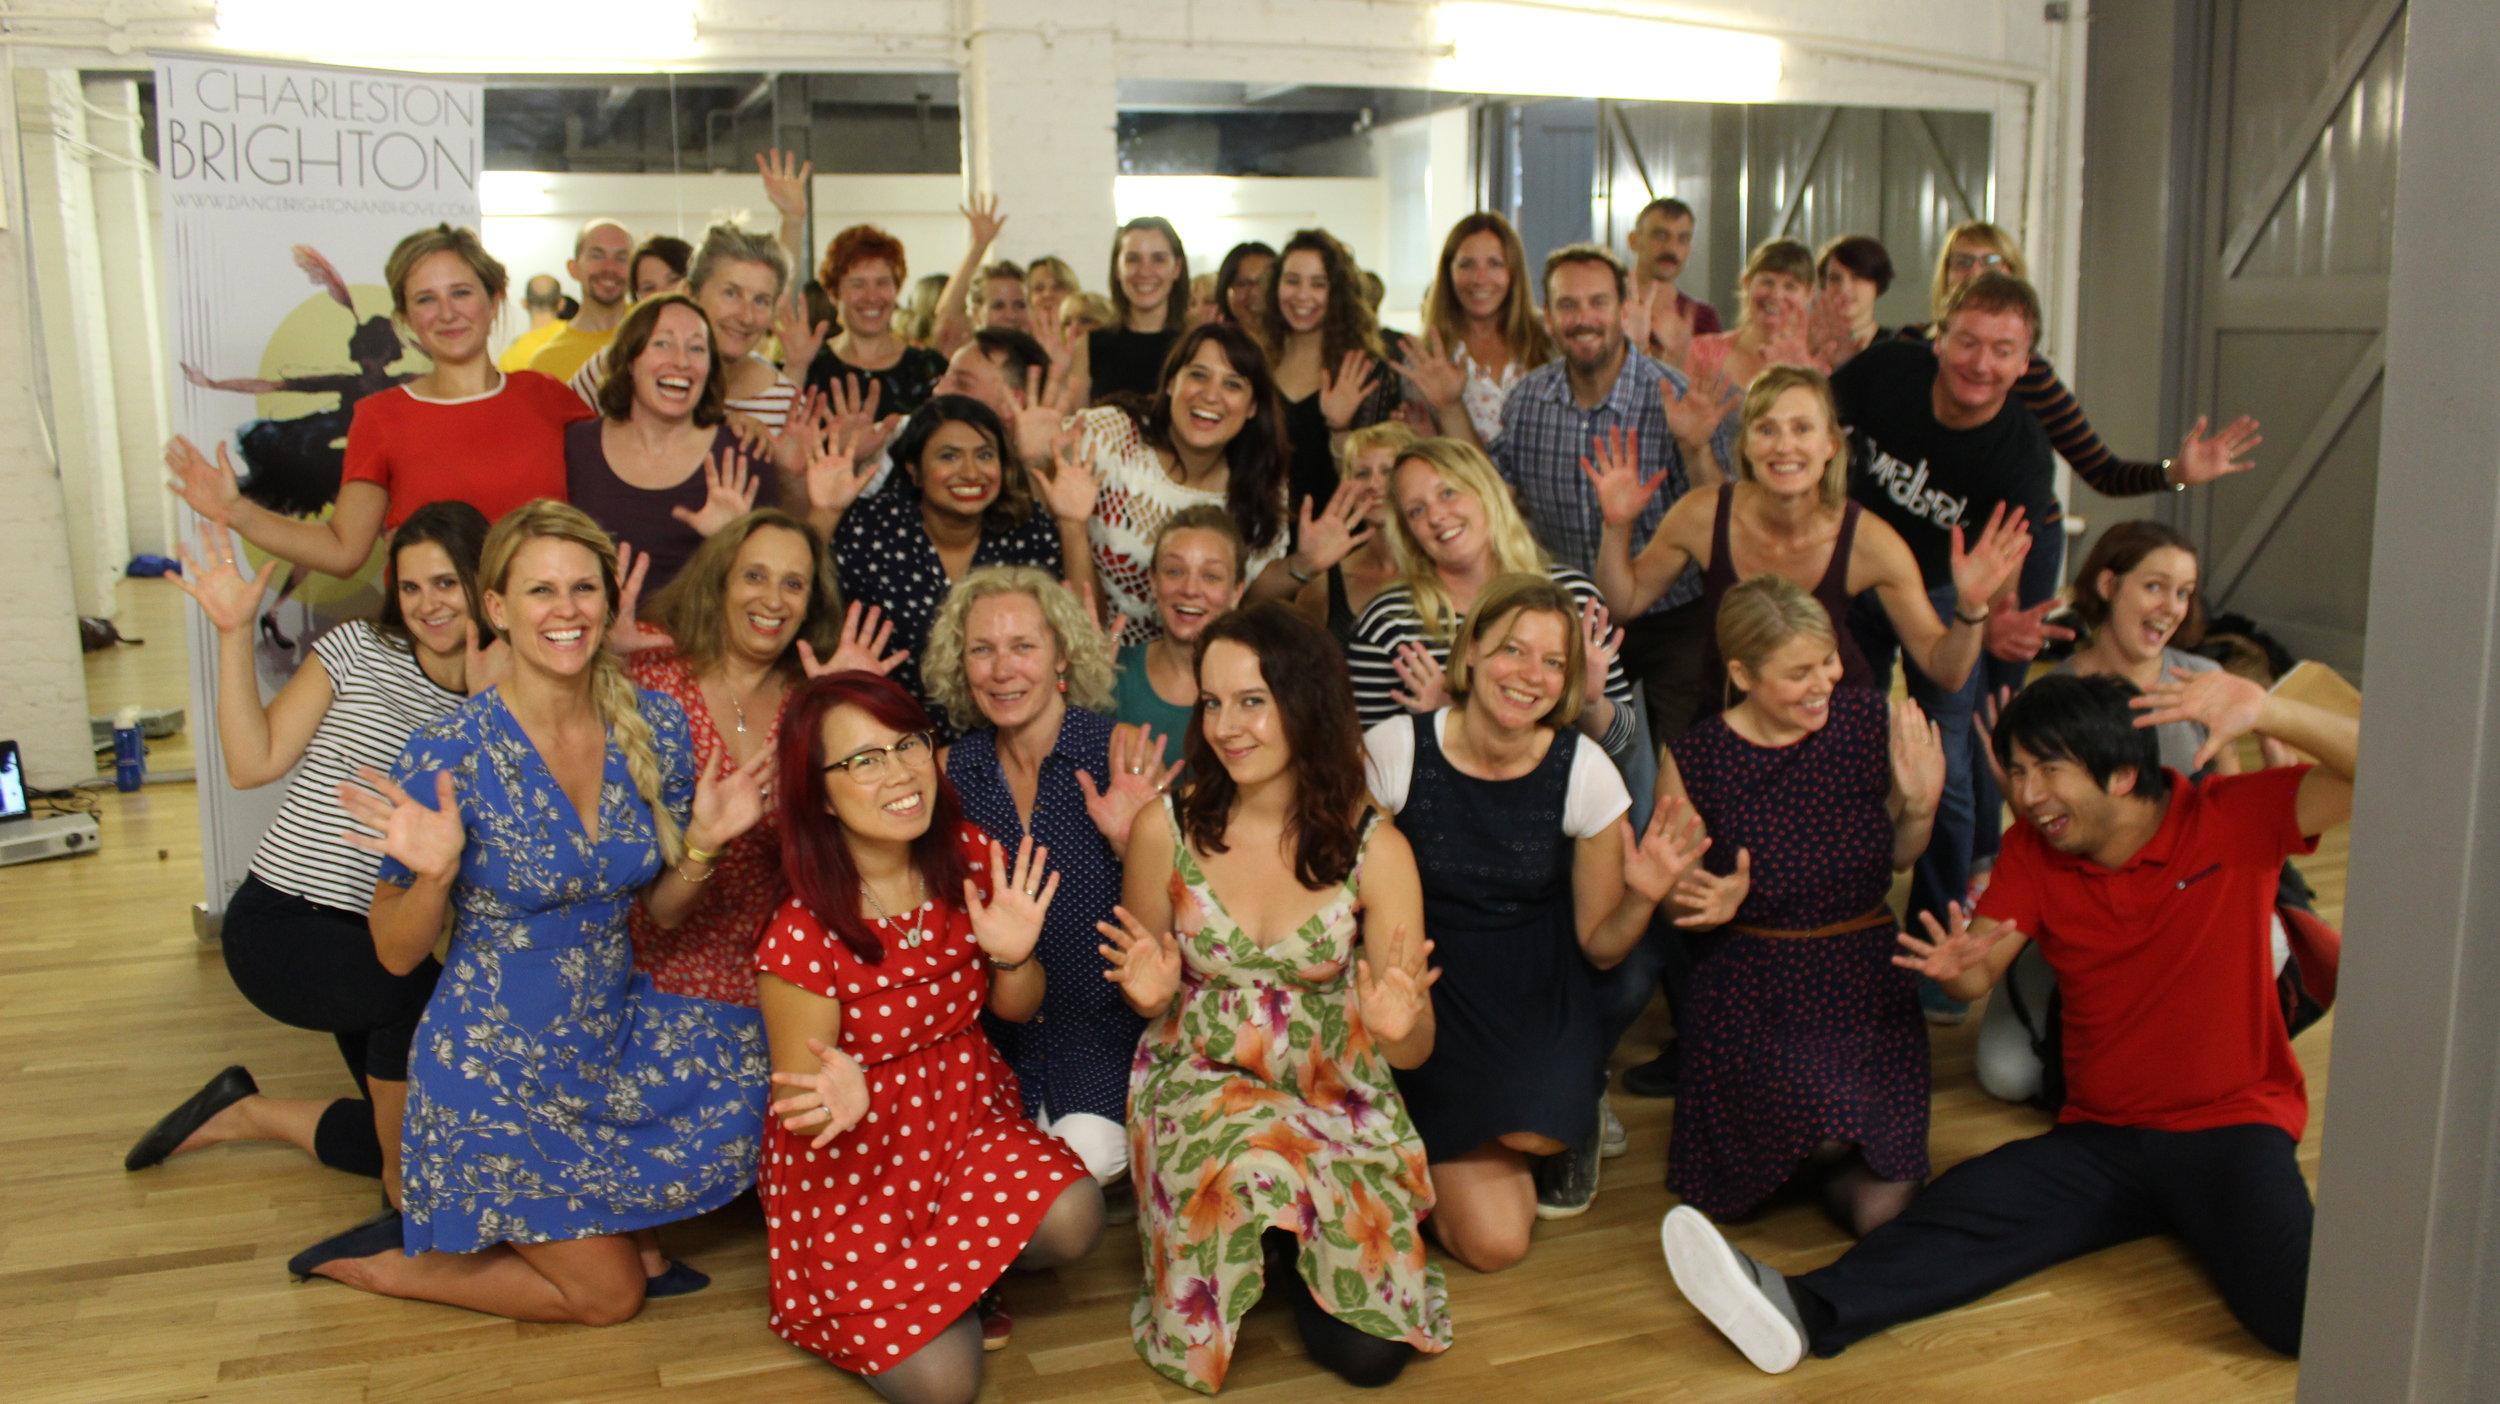 MyCharleston Dance Workshop Brighton